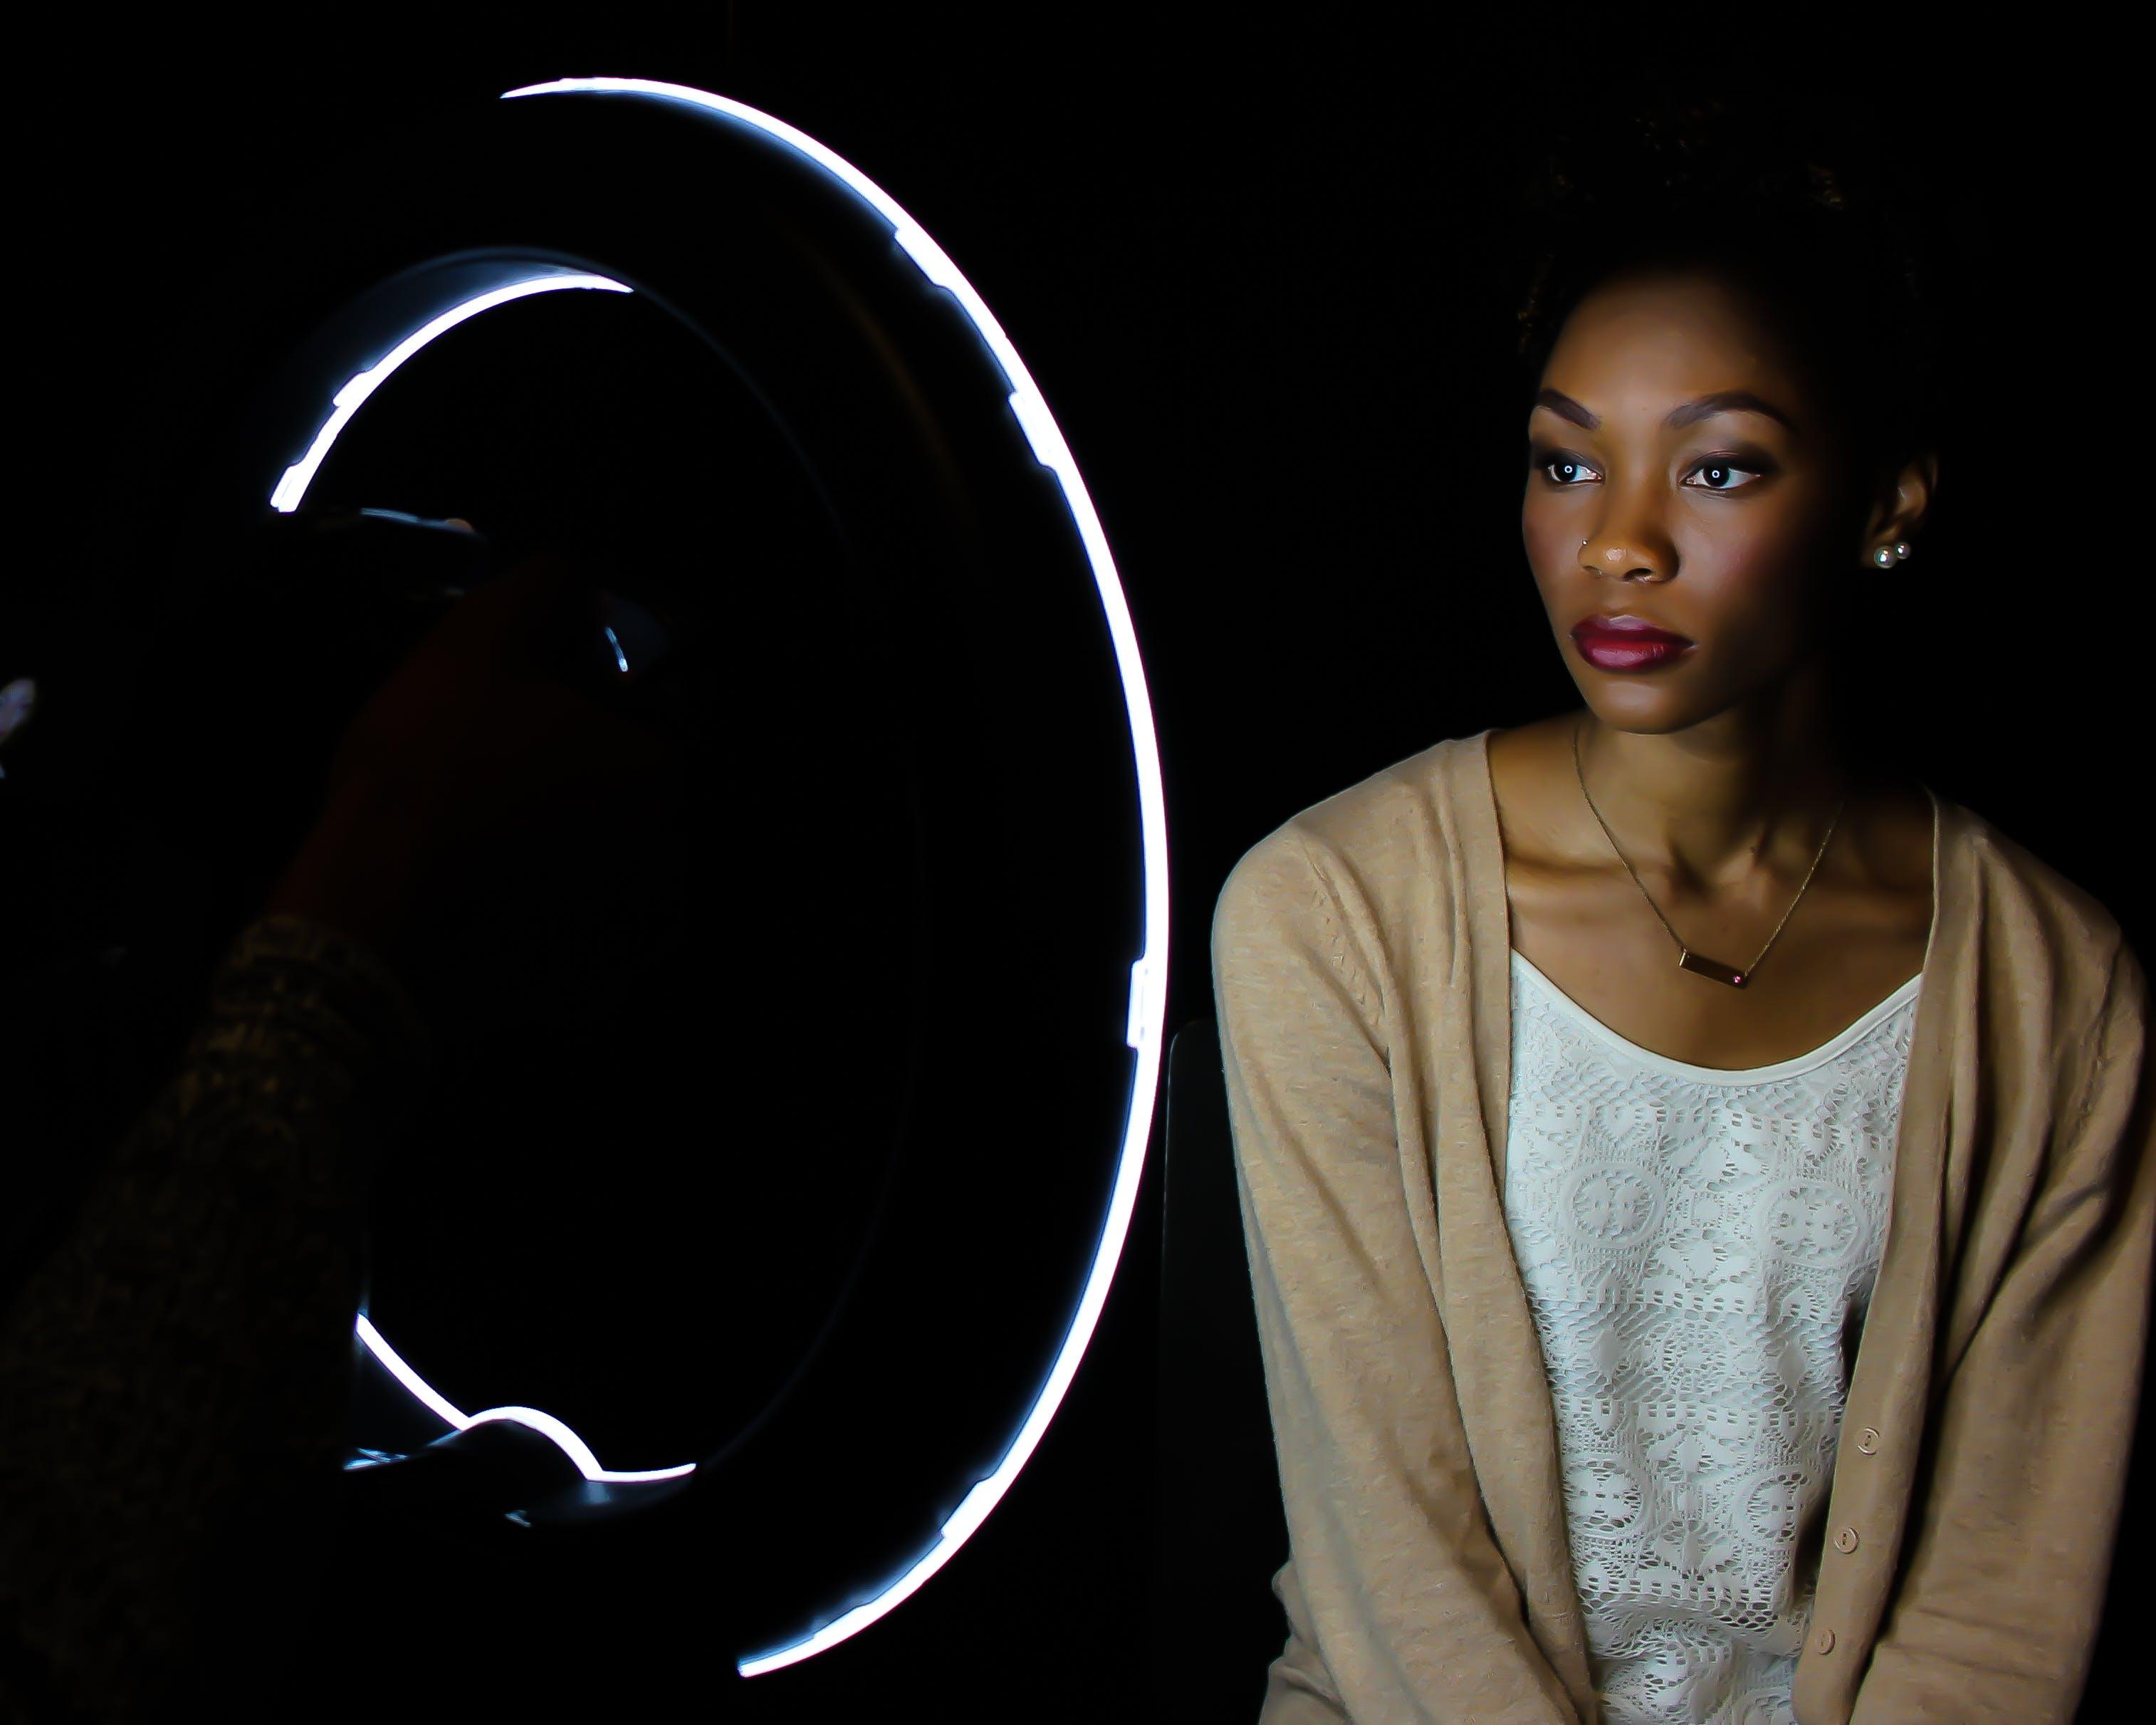 Δωρεάν στοκ φωτογραφιών με άνθρωπος, αφροαμερικάνα γυναίκα, γυναίκα, θηλυκός